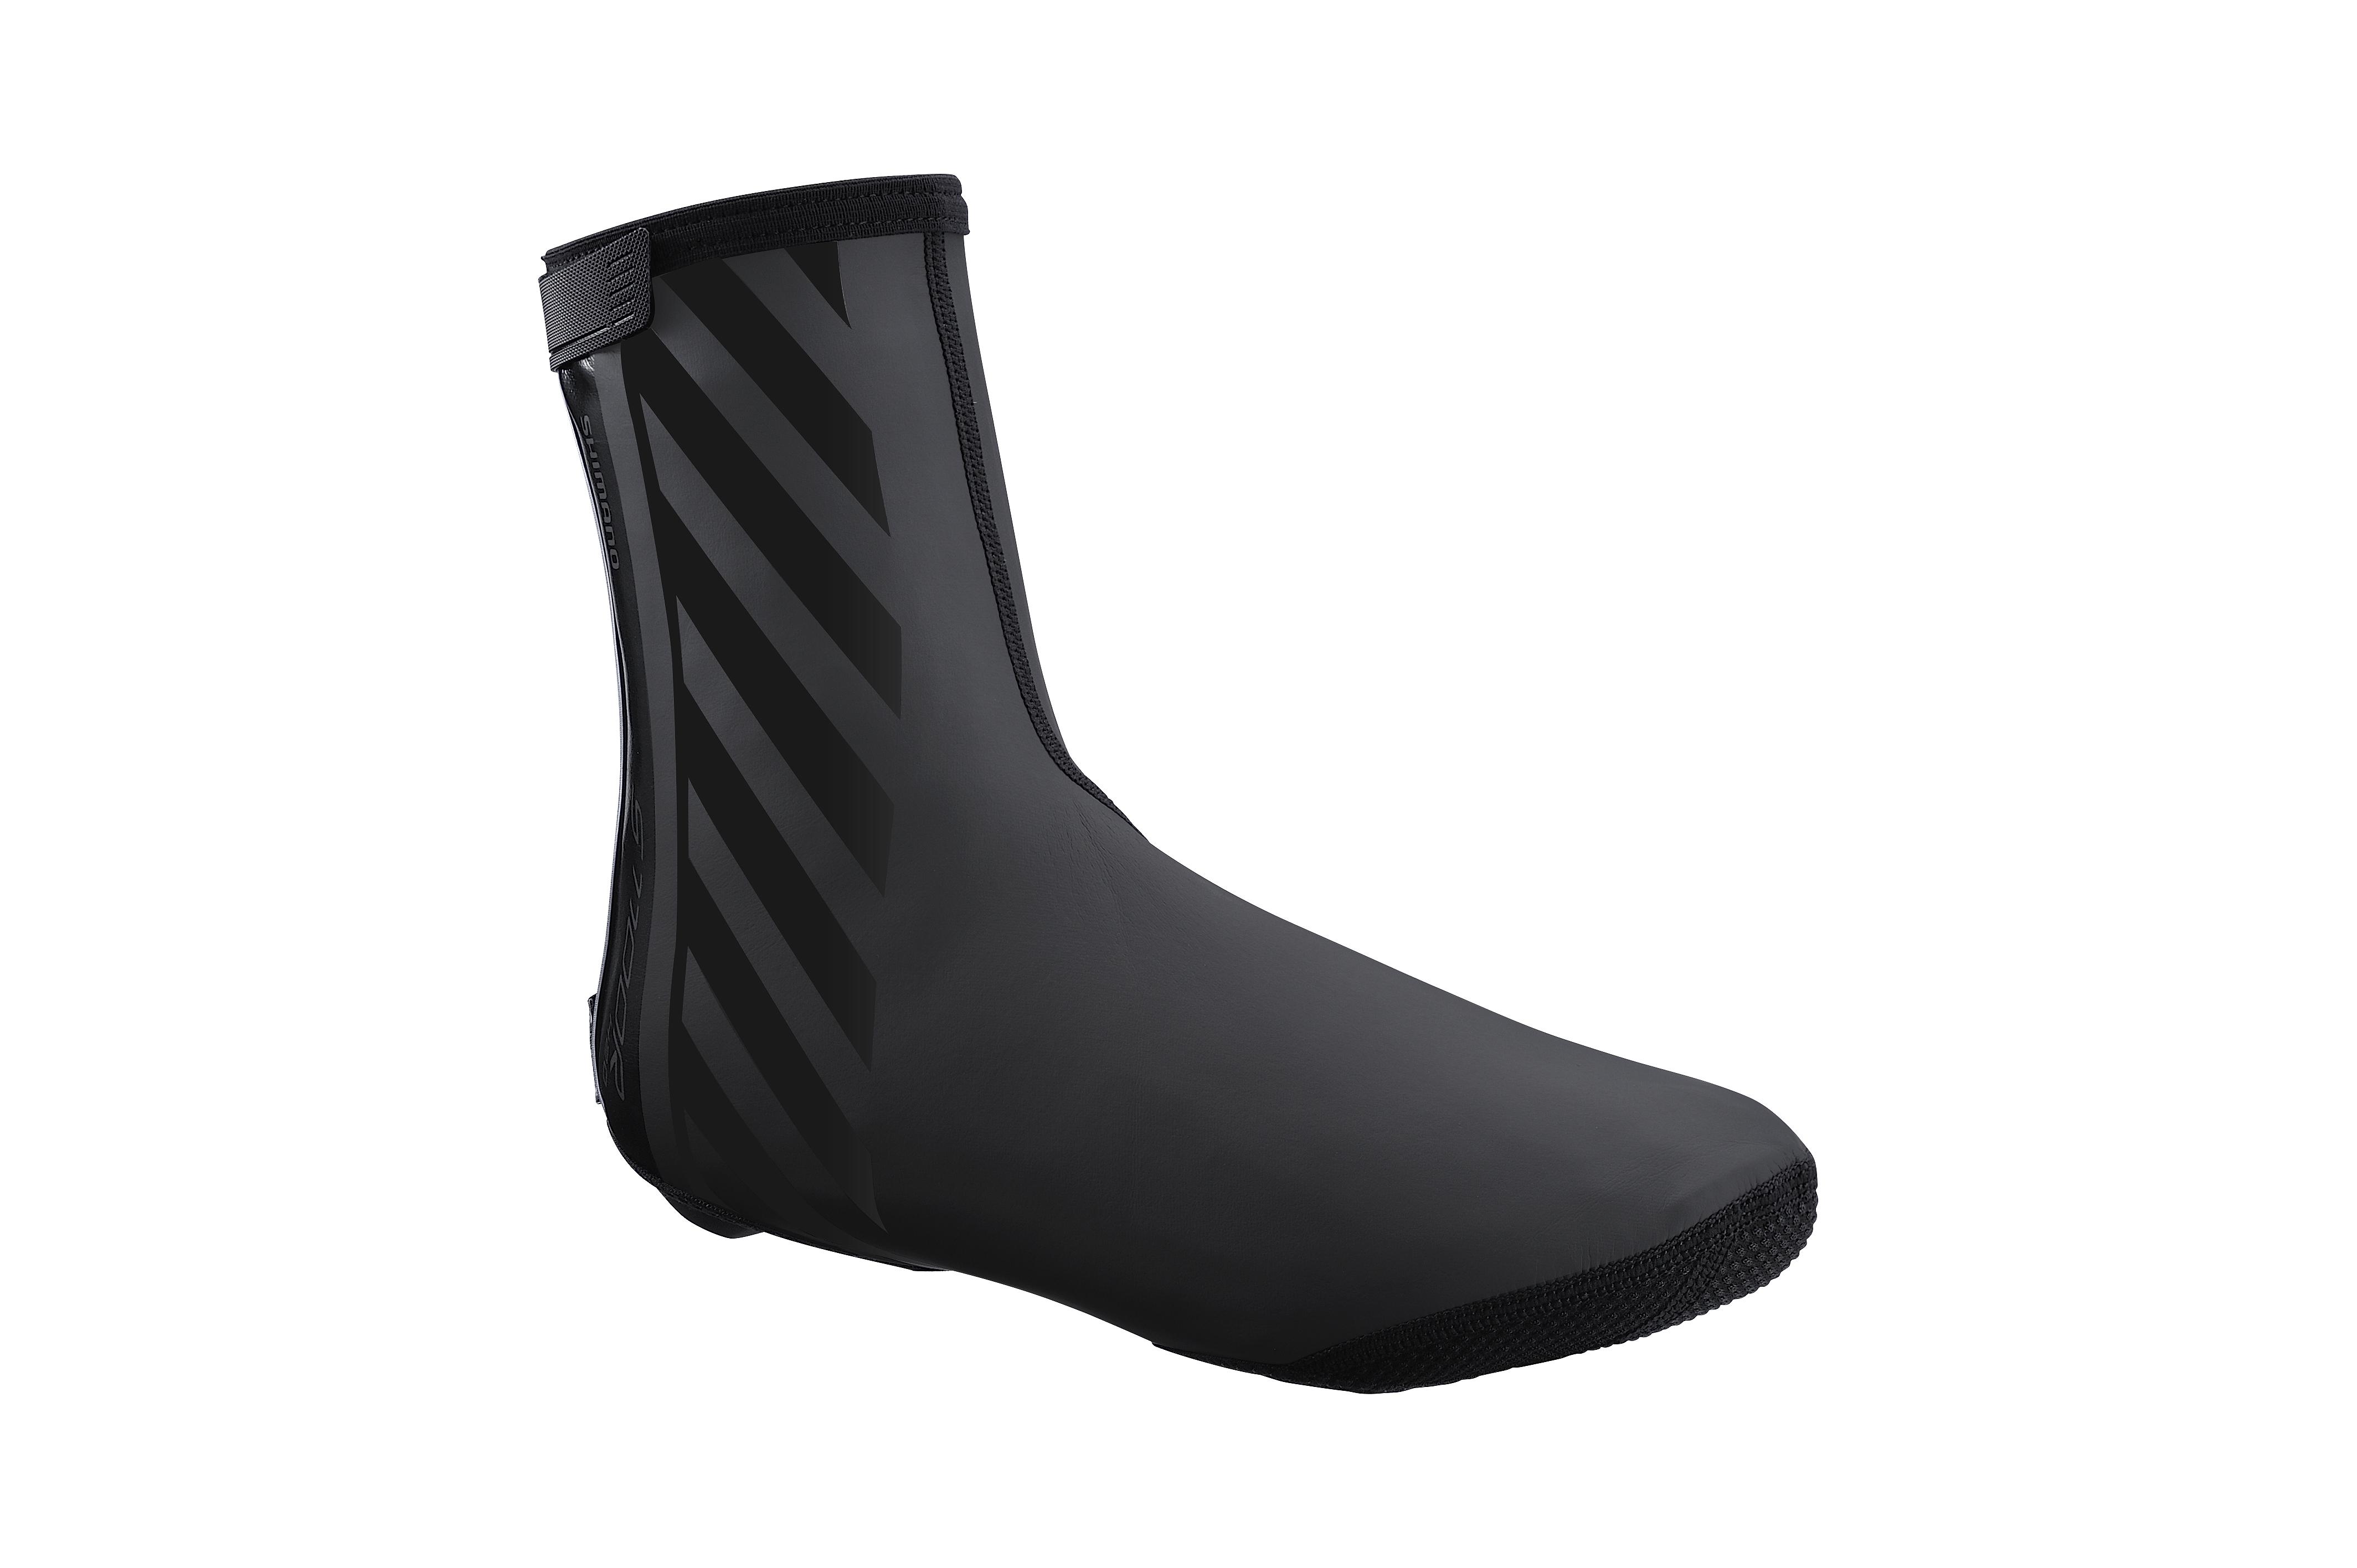 SHIMANO S1100R H2O návleky na obuv, černá, S